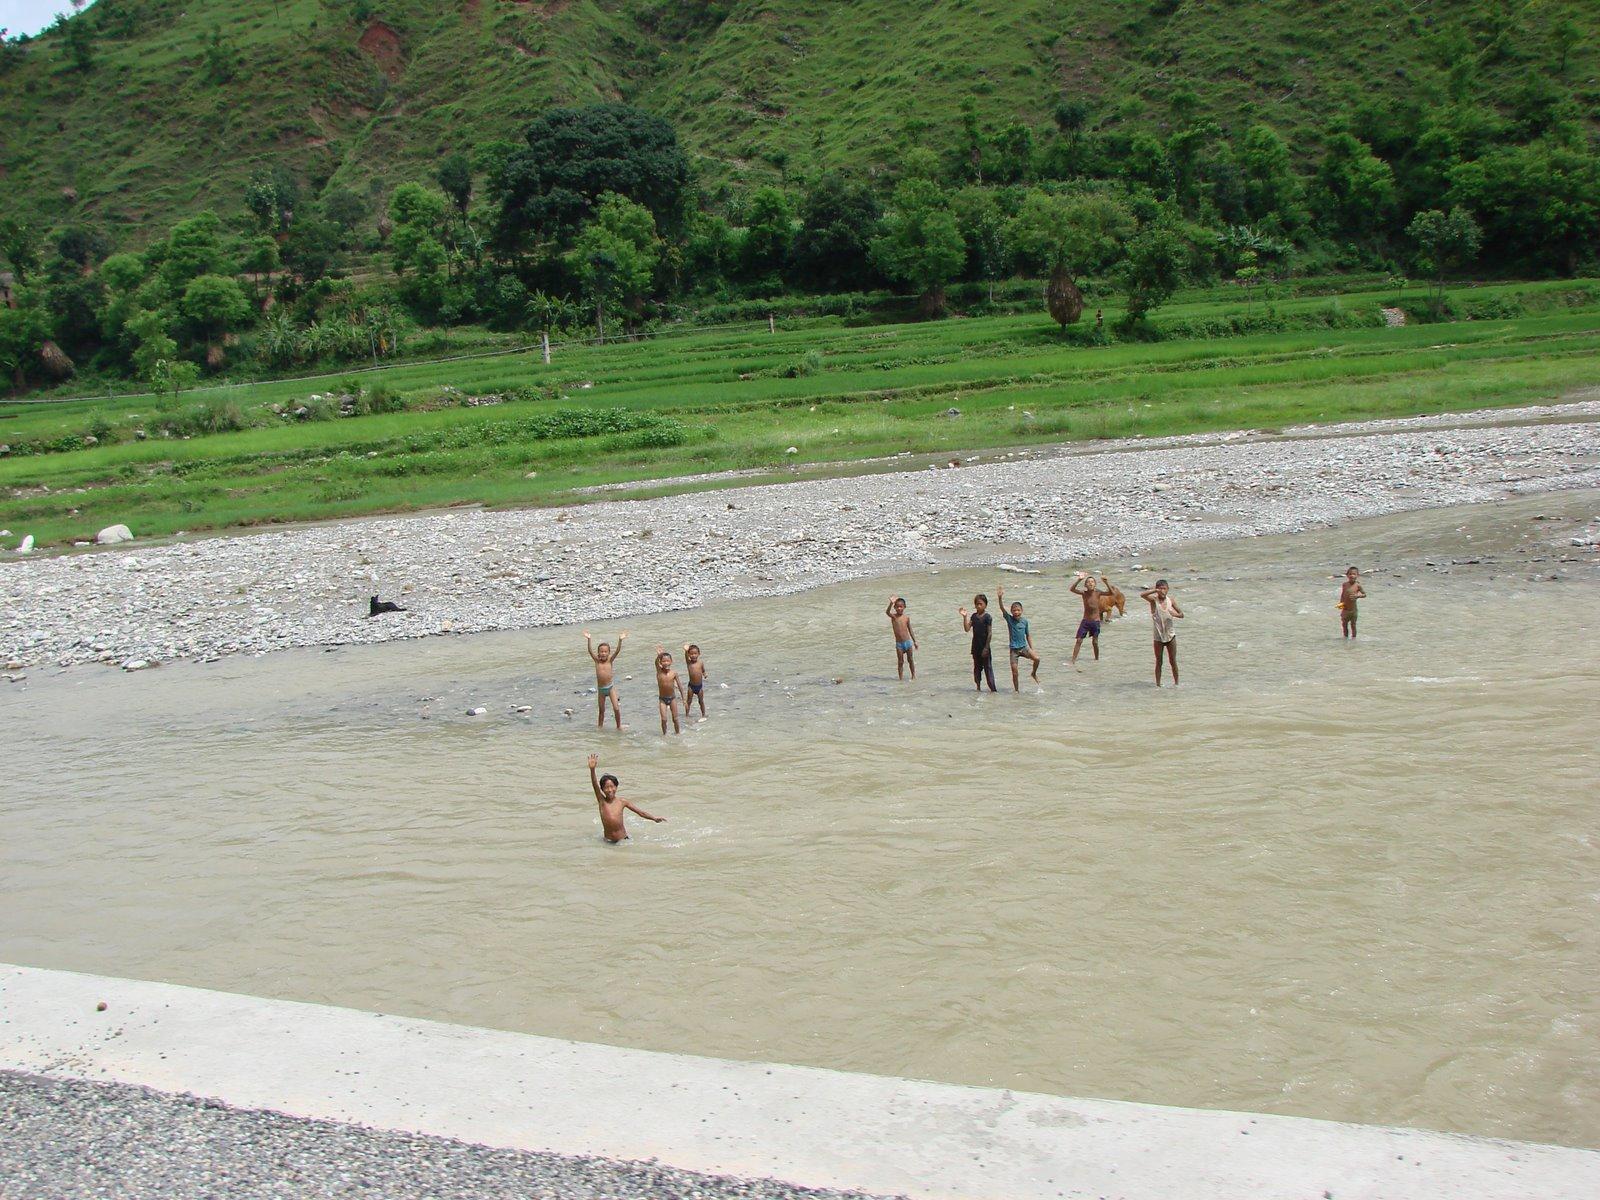 [Nepalthok+to+Dumjha+to+Nepalthok,+Sunday,+Aug+12,+2007+100.jpg]